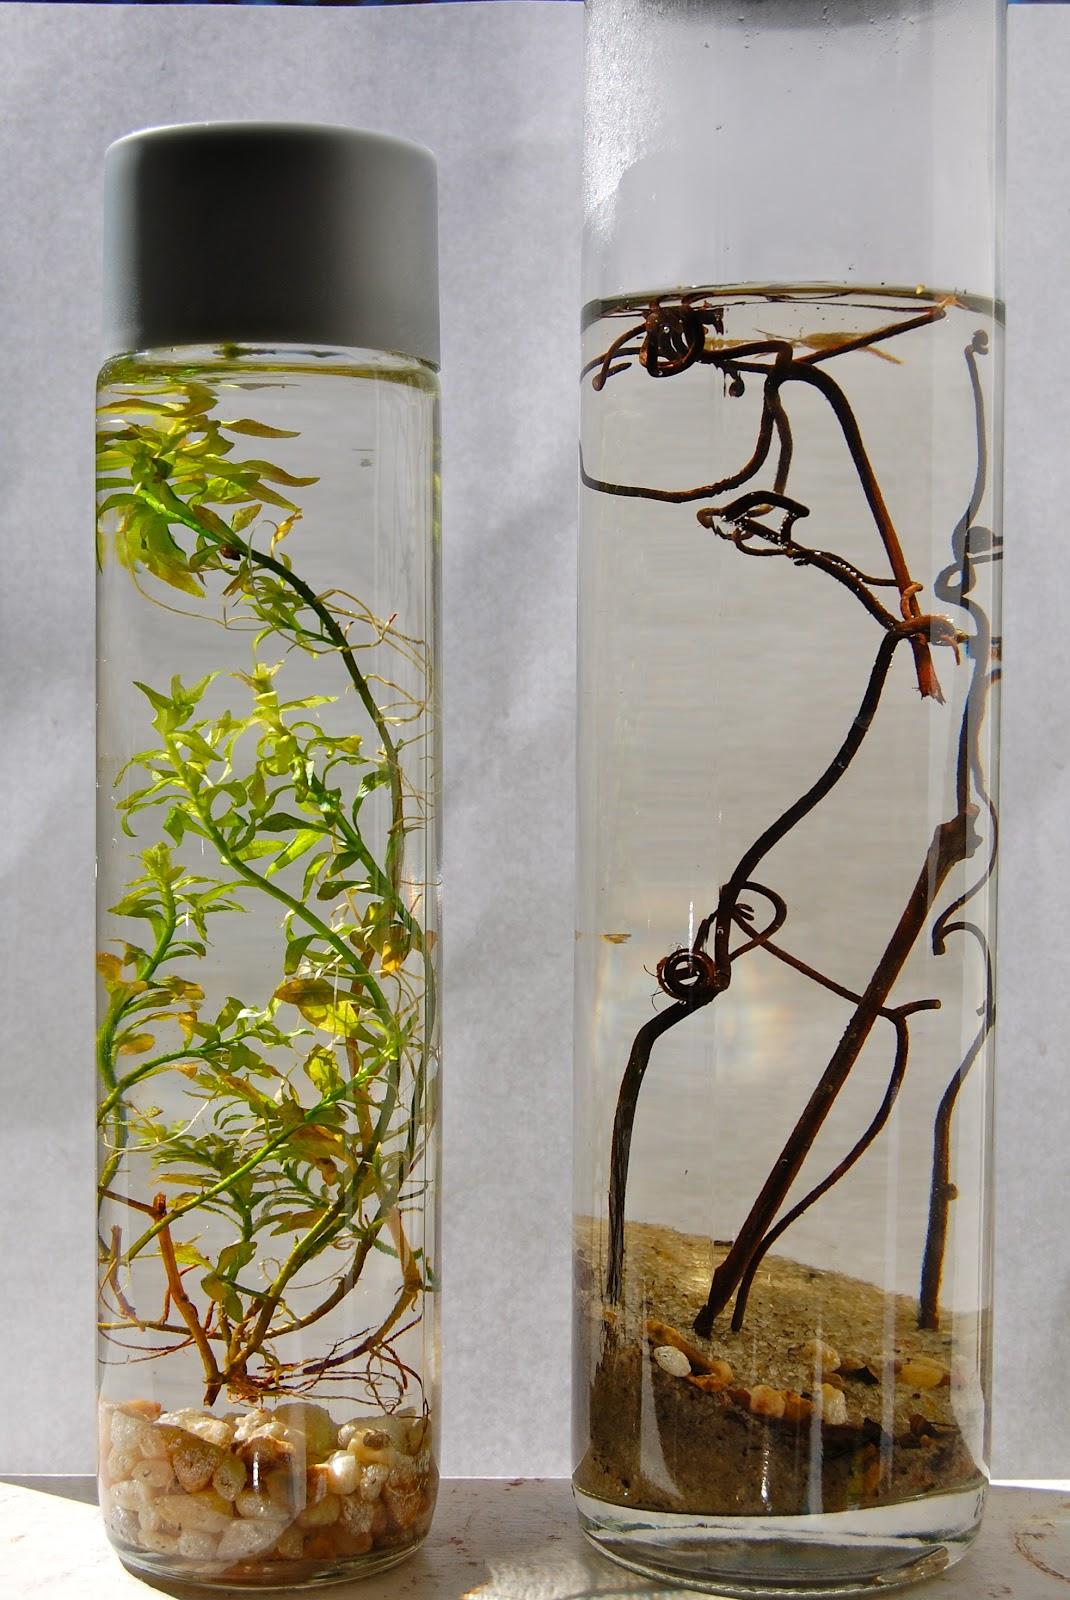 Van, aki komplett kis ökoszisztémáthozz benne létre (fotó: violetpapwerwings.blogspot.com)